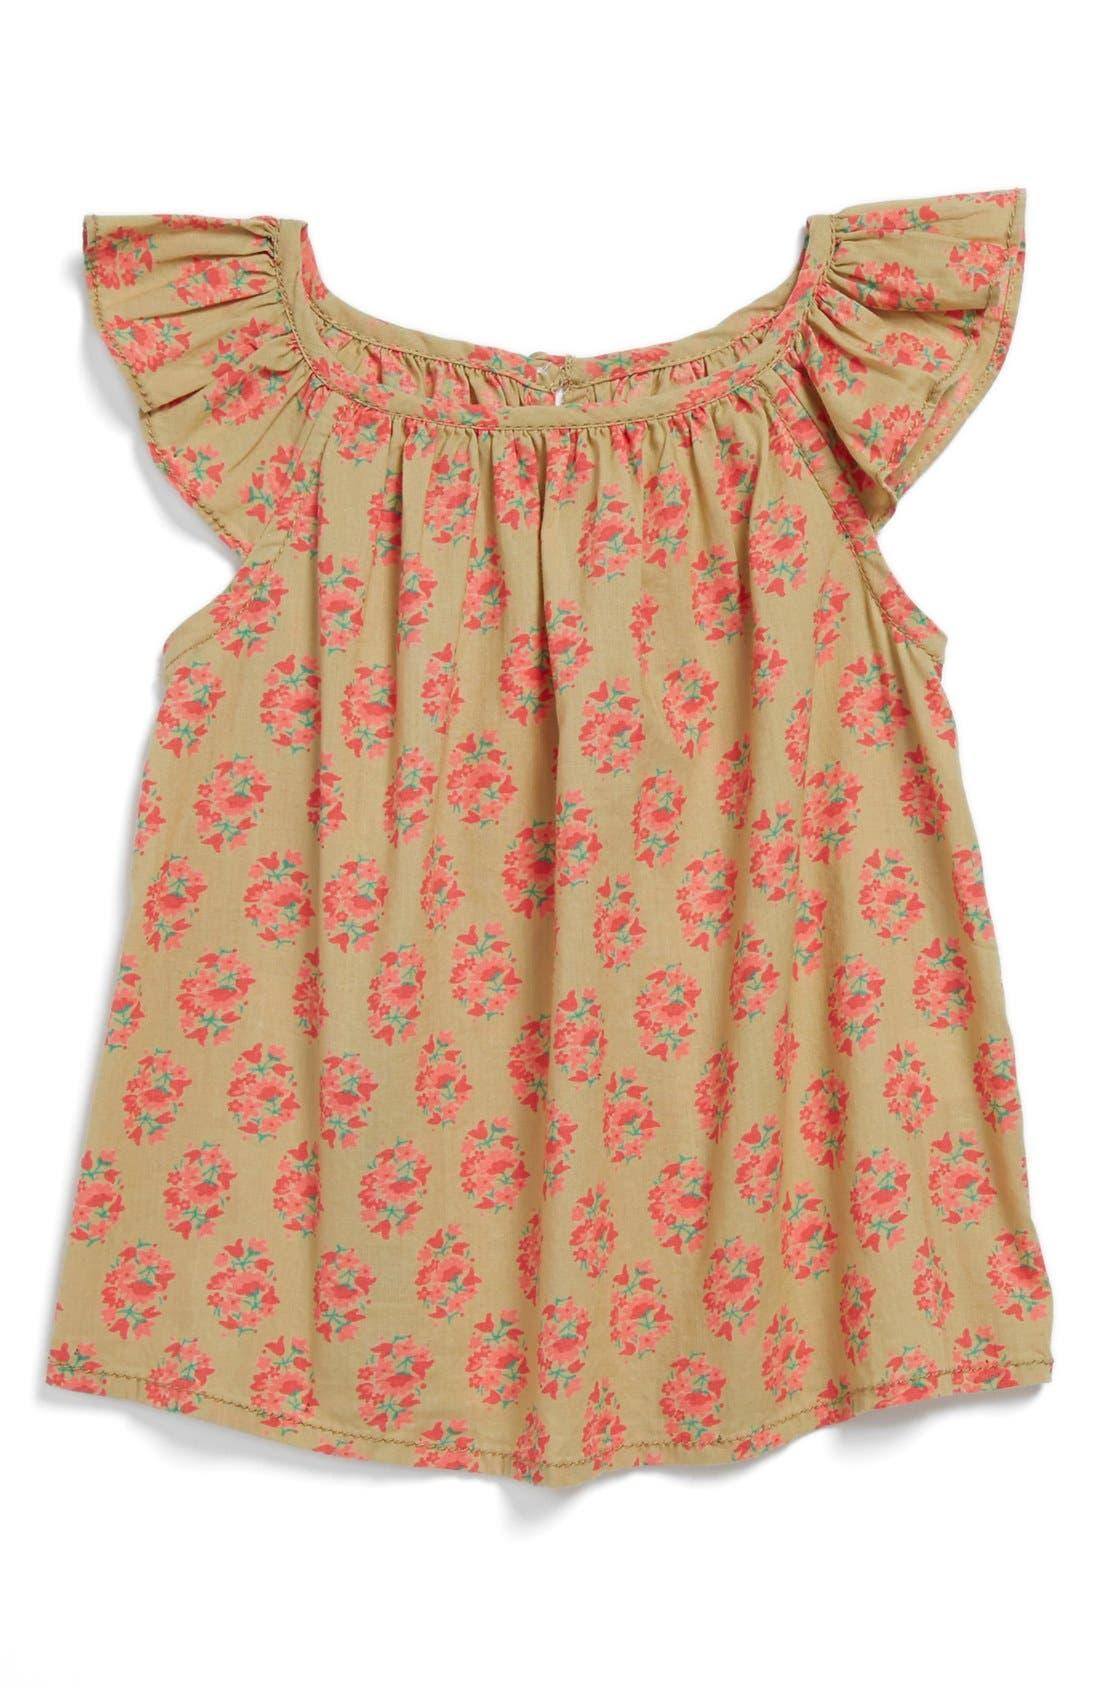 Main Image - Peek 'Poet' Top (Baby Girls)